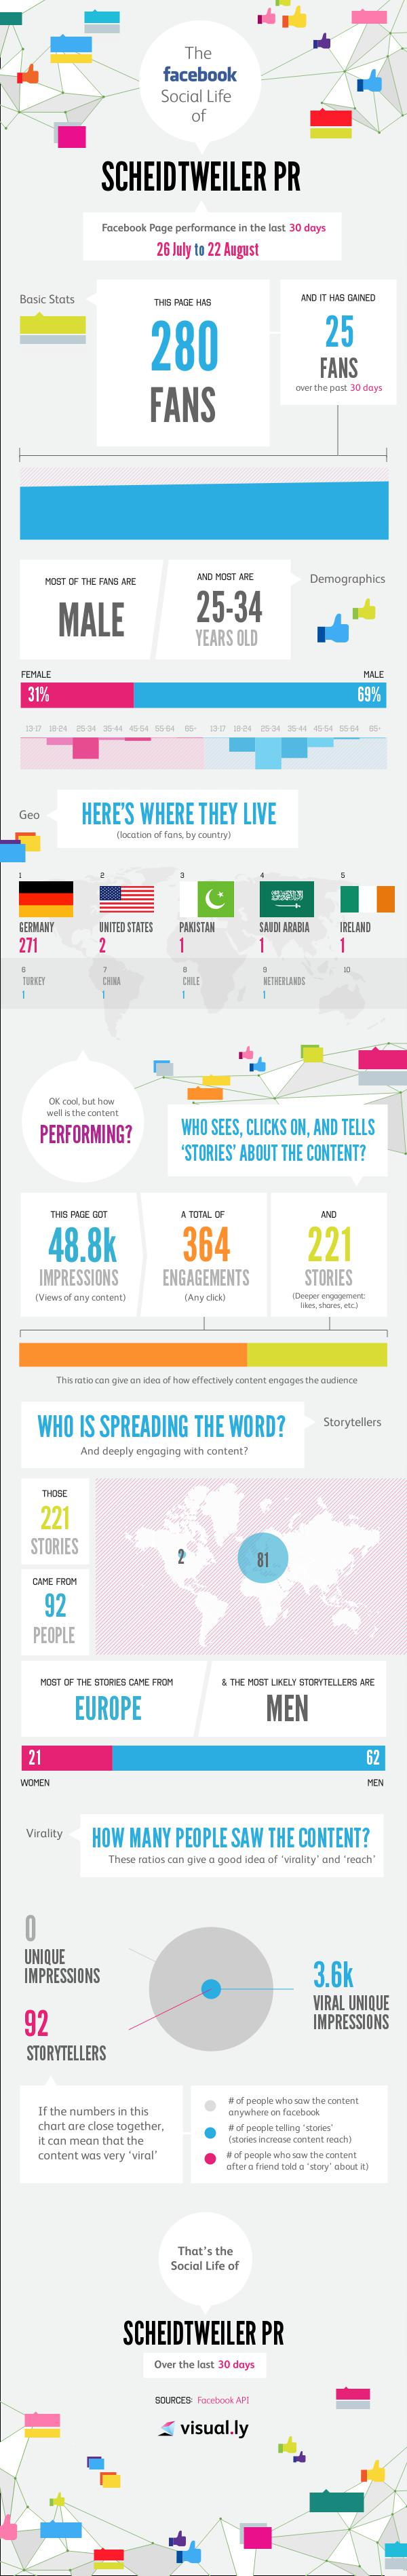 Infografik Scheidtweiler PR bei Facebook